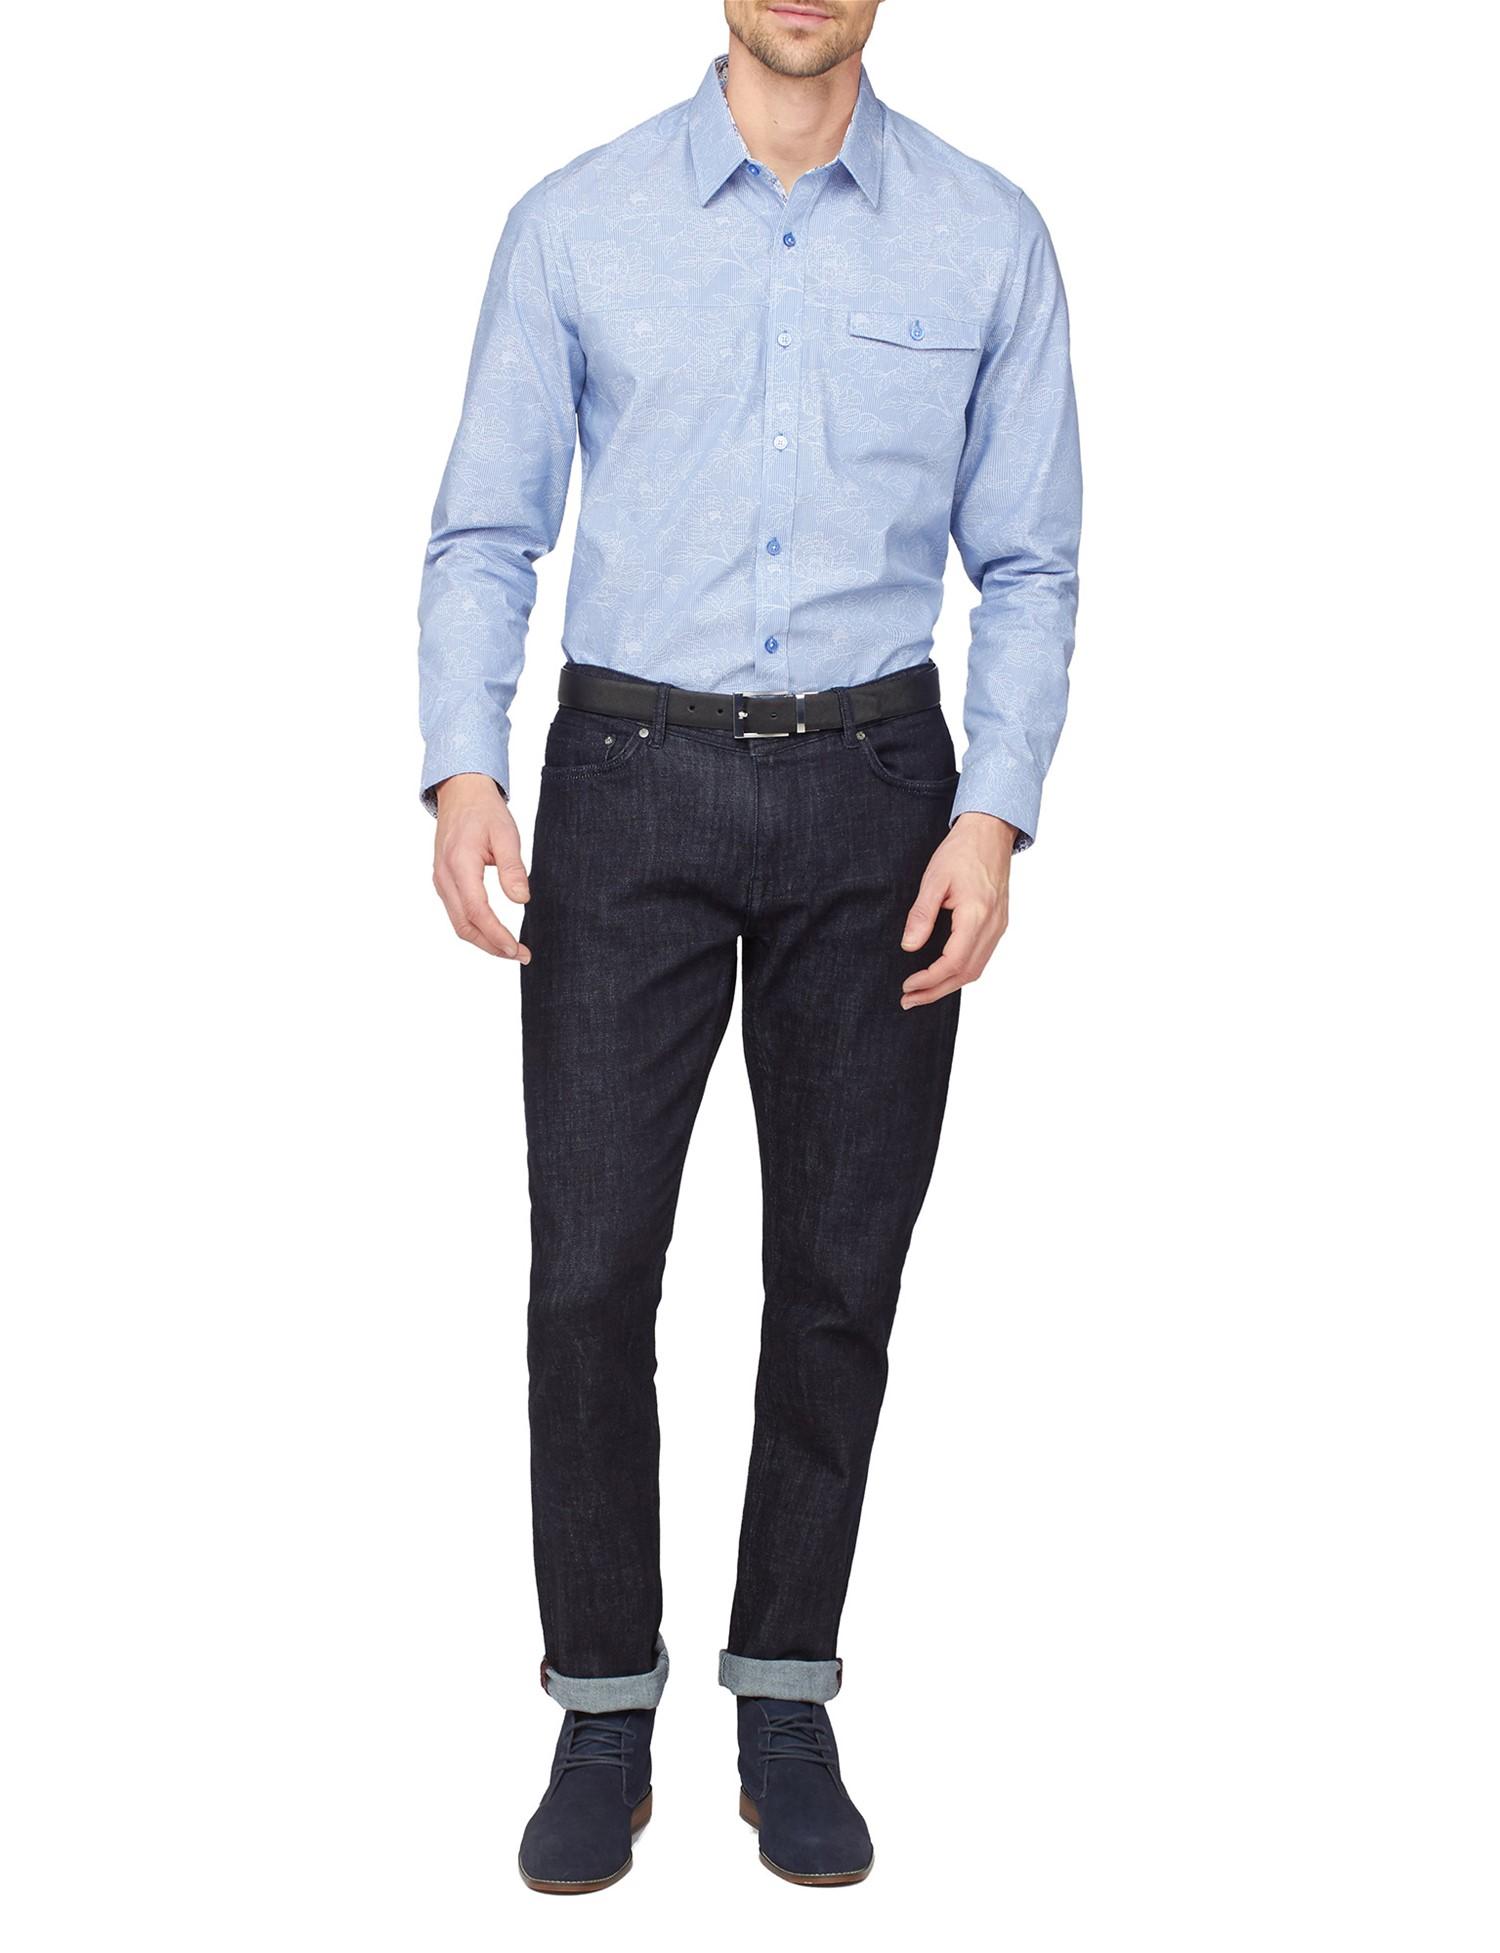 Light Blue Stripe Floral Jacquard Shirt